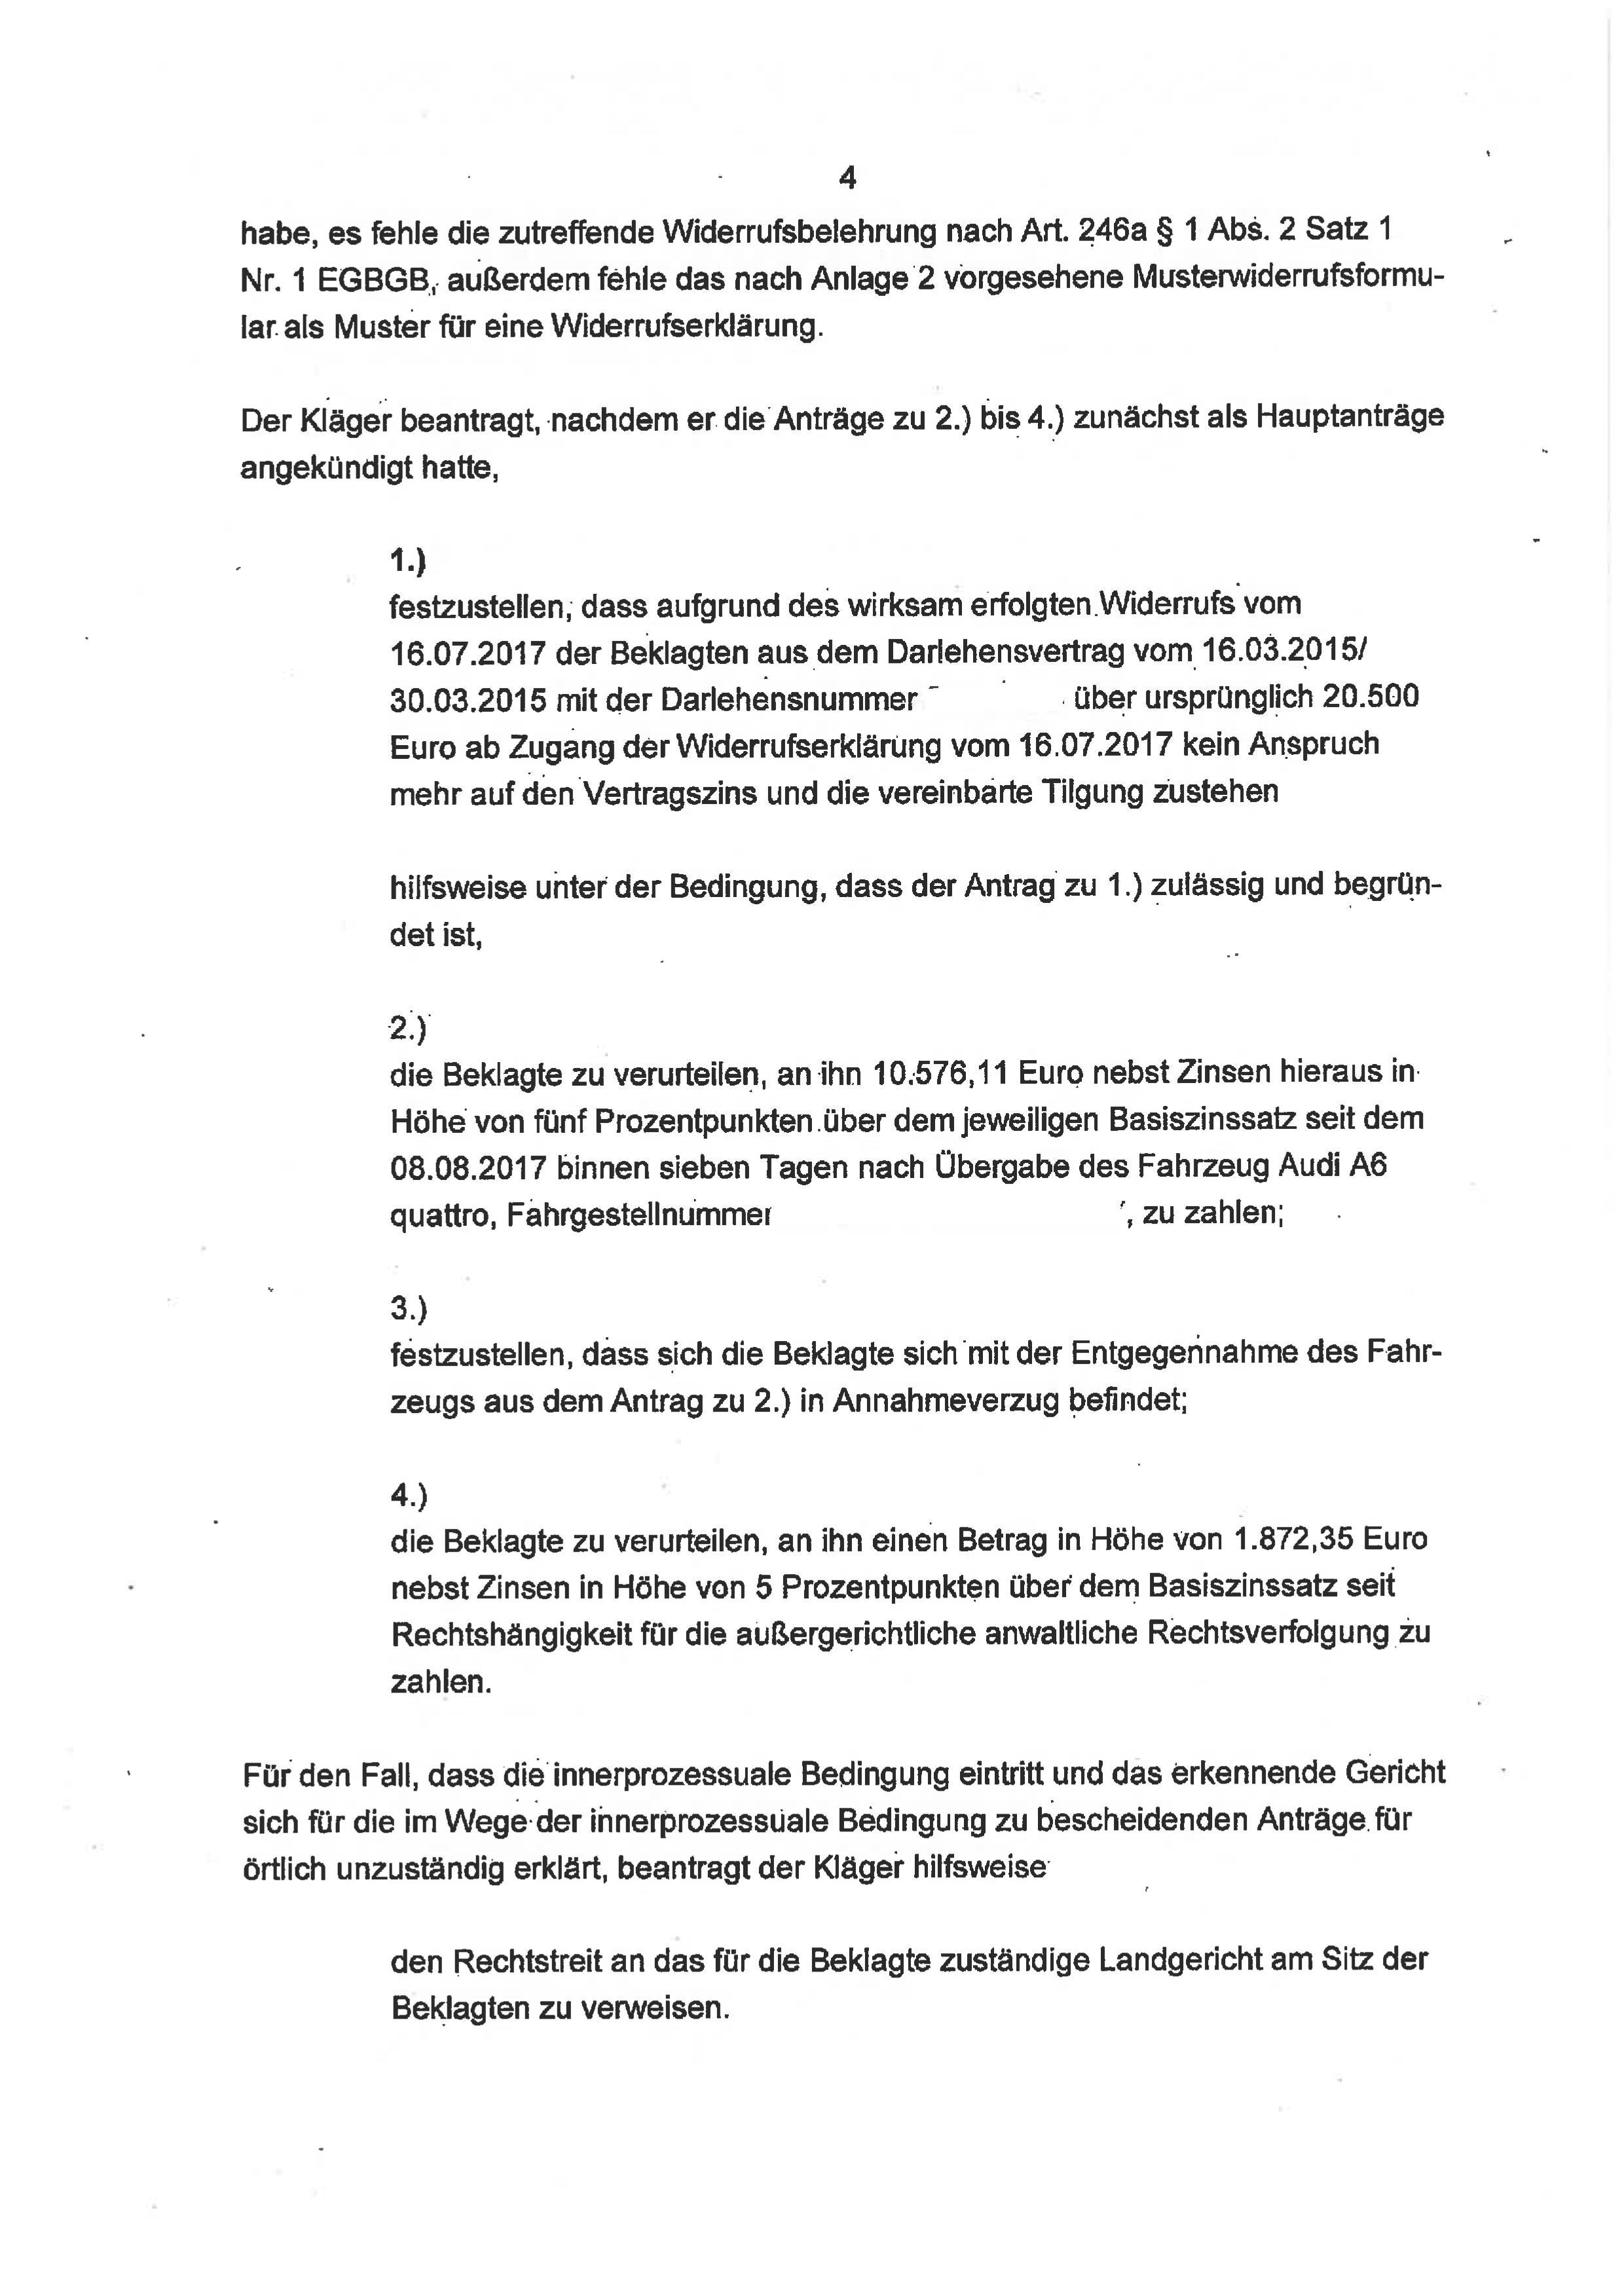 Seite 4 des Urteils 4 O 46/18 zum Widerruf Autokredit